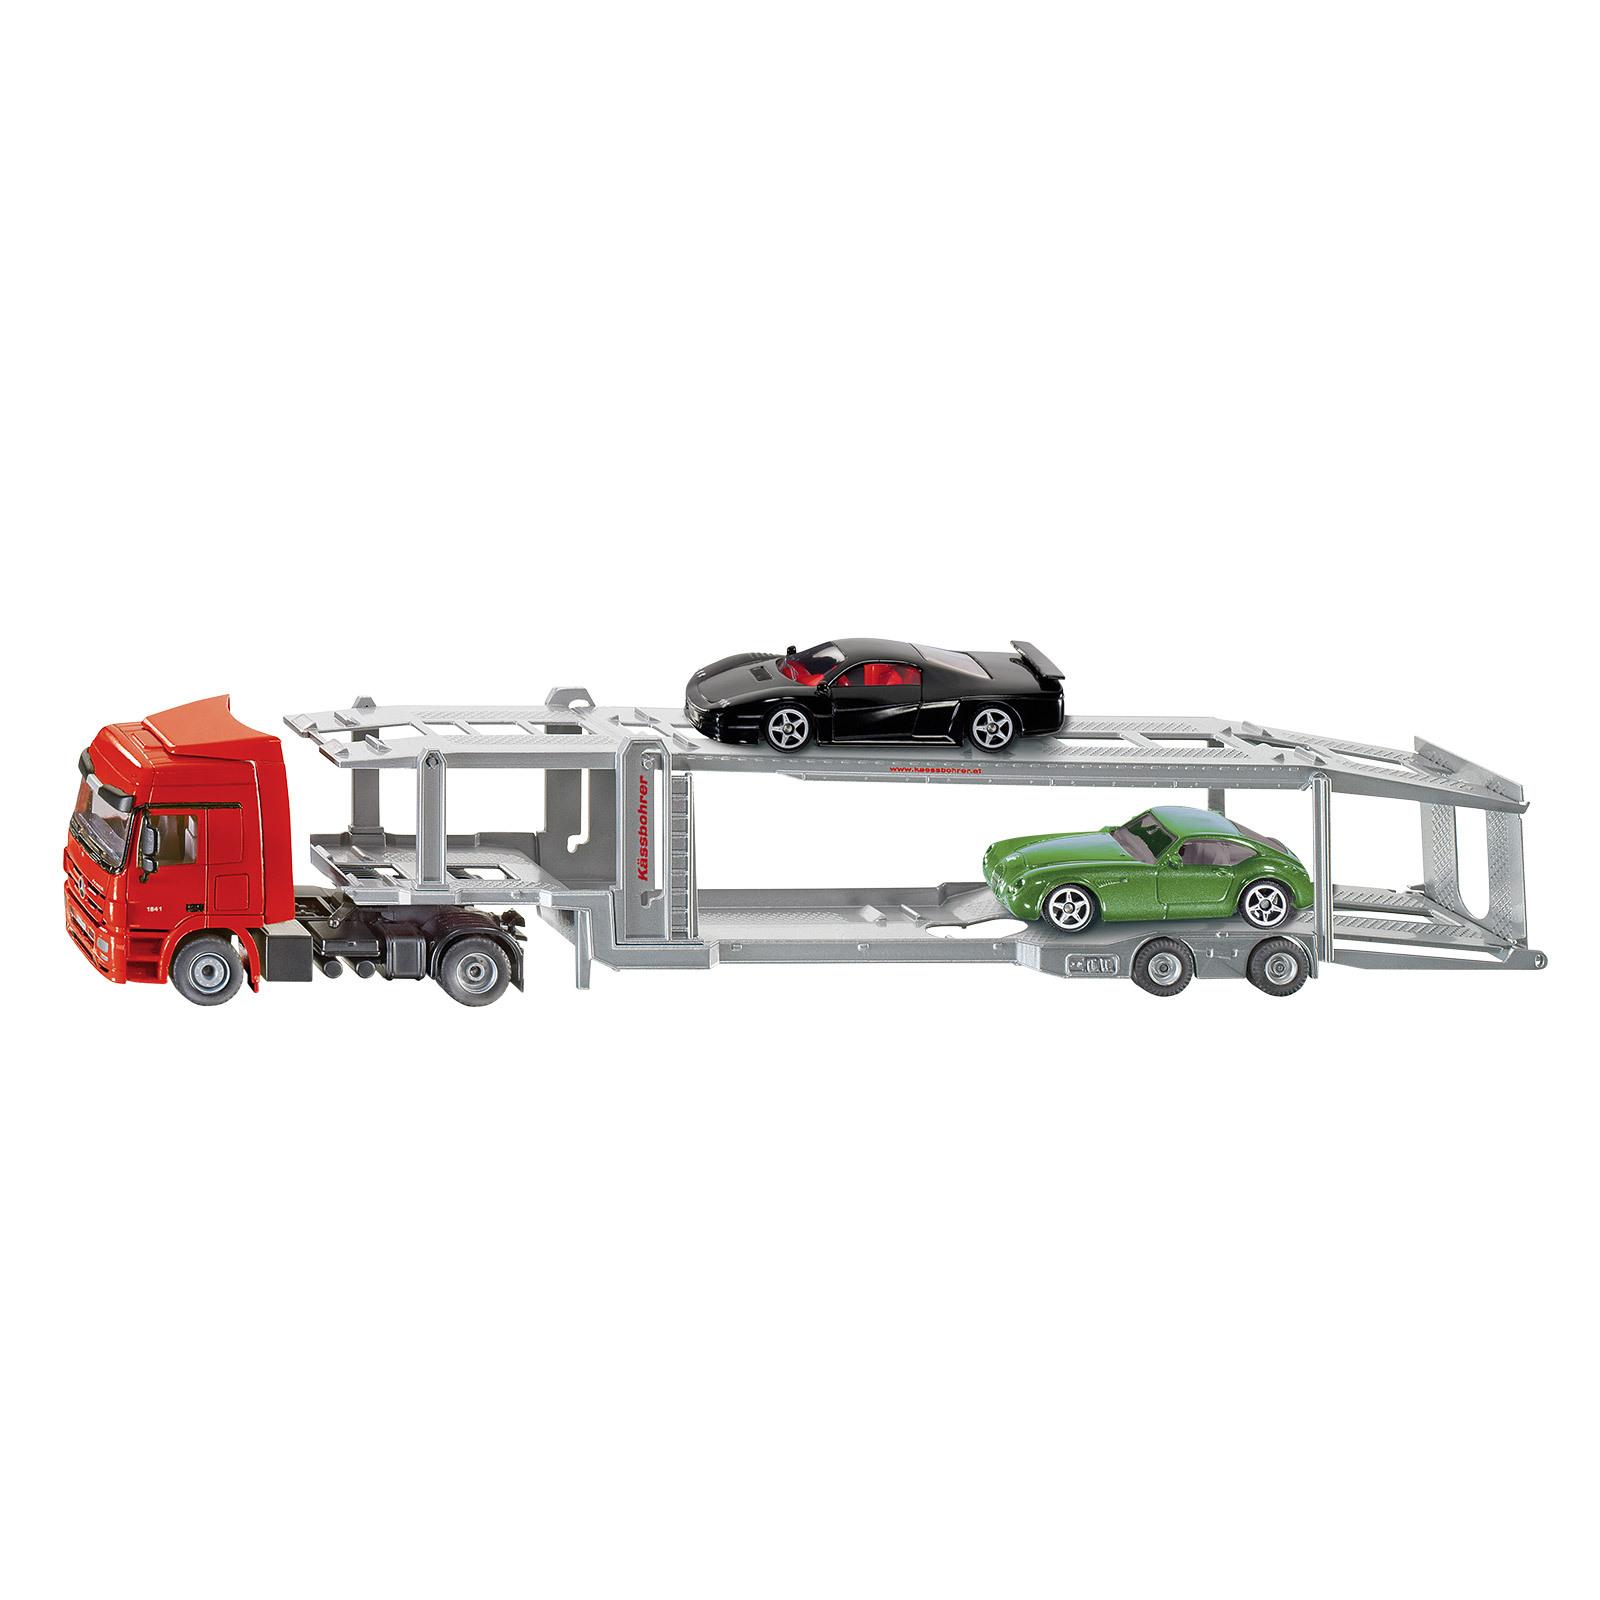 Auflieger M1:50 3934 SIKU Kinder Spielzeug Autotransporter LKW Zugmaschine